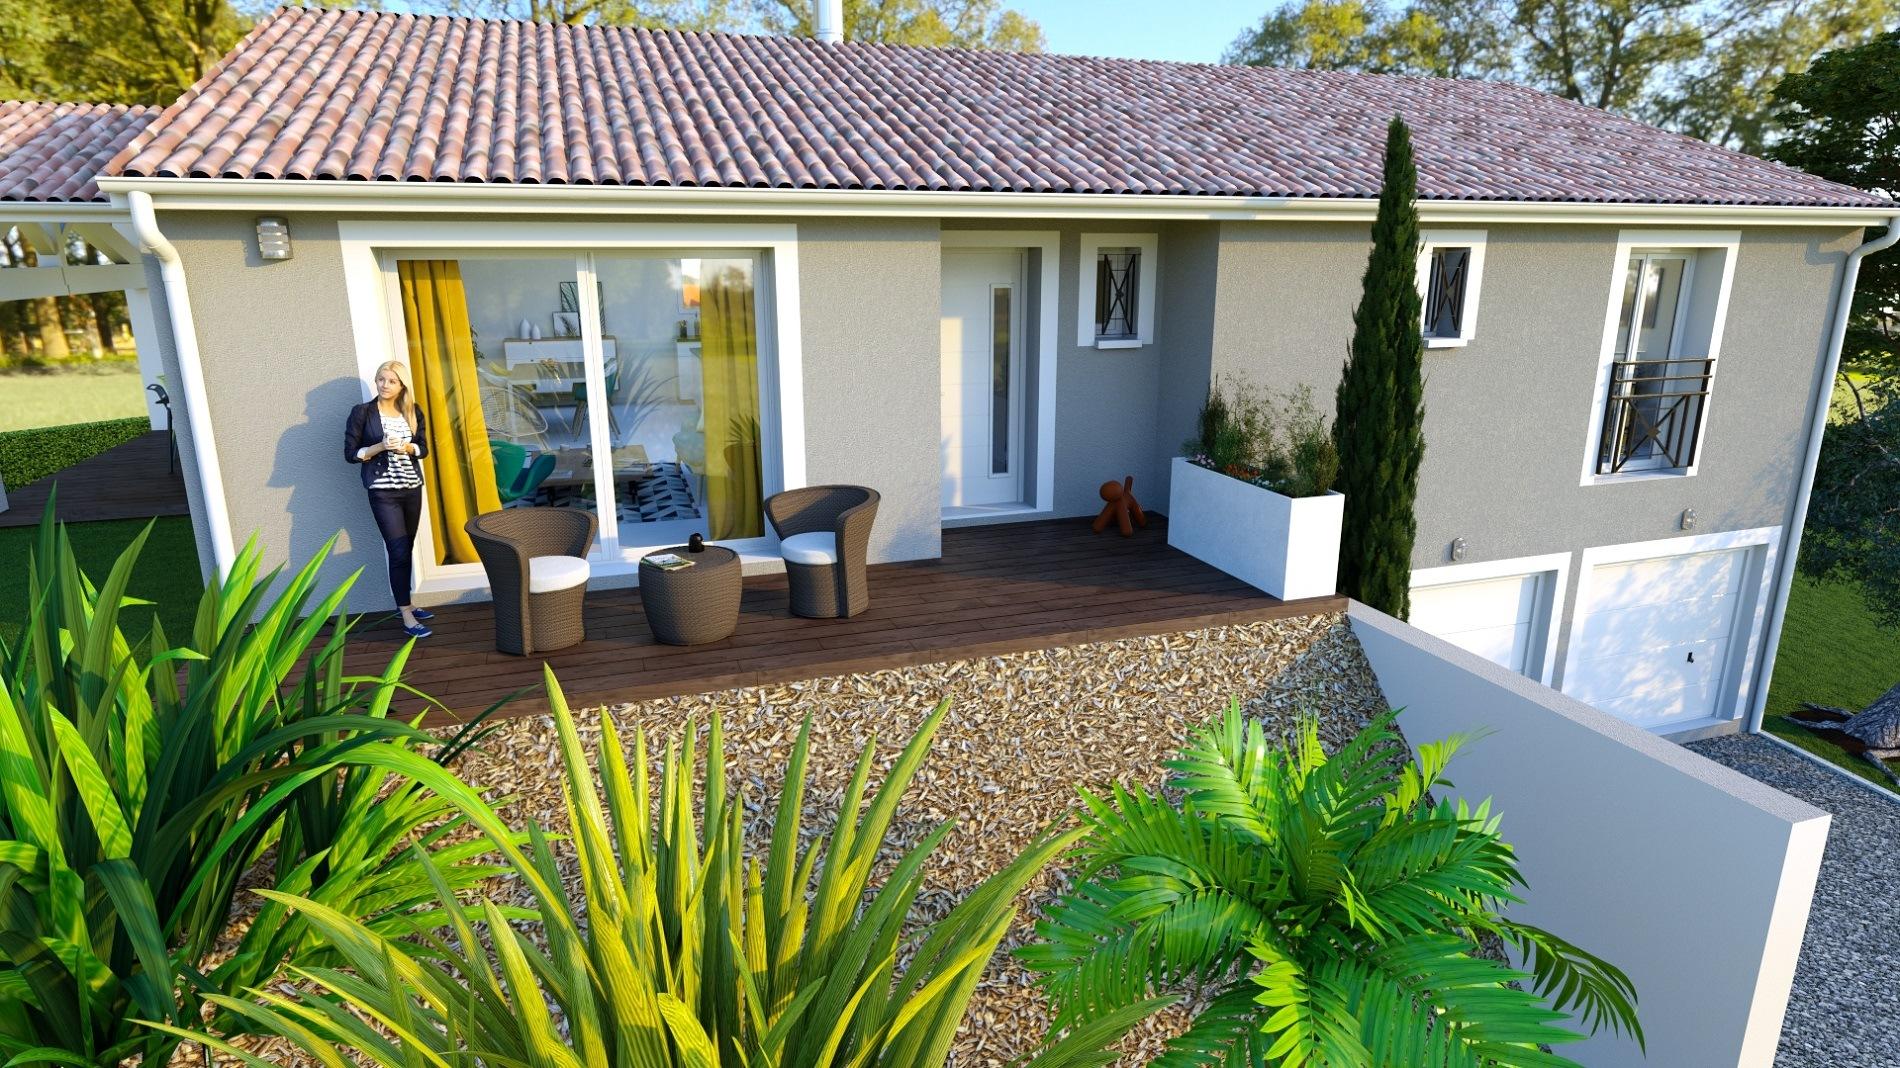 Maisons + Terrains du constructeur Maison Familiale Toulouse • 122 m² • MONTASTRUC LA CONSEILLERE